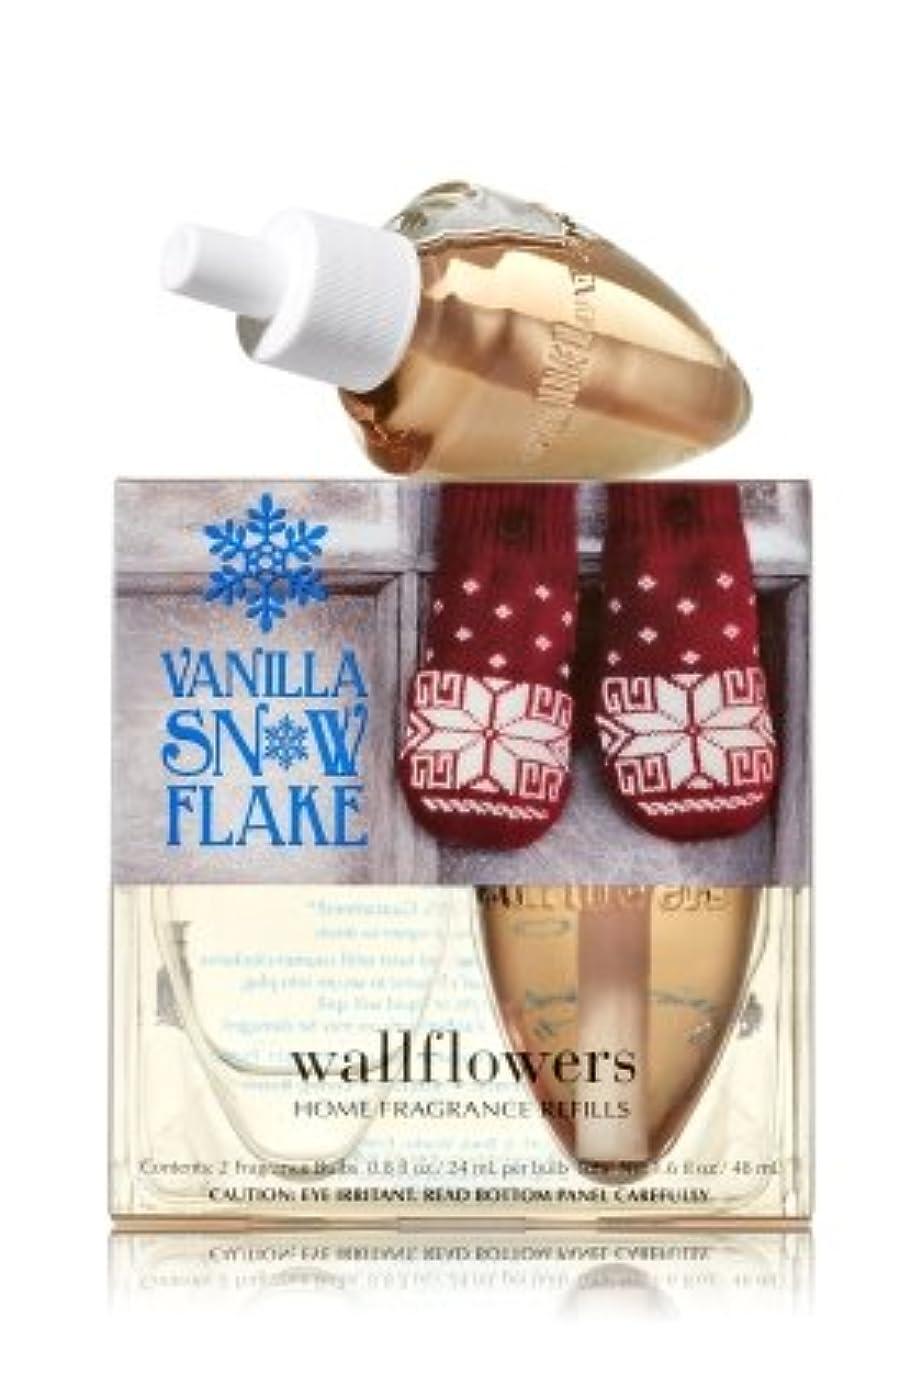 臨検おめでとう保証する【Bath&Body Works/バス&ボディワークス】 ルームフレグランス 詰替えリフィル(2個入り) バニラスノーフレーク Wallflowers Home Fragrance 2-Pack Refills Vanilla Snowflake [並行輸入品]